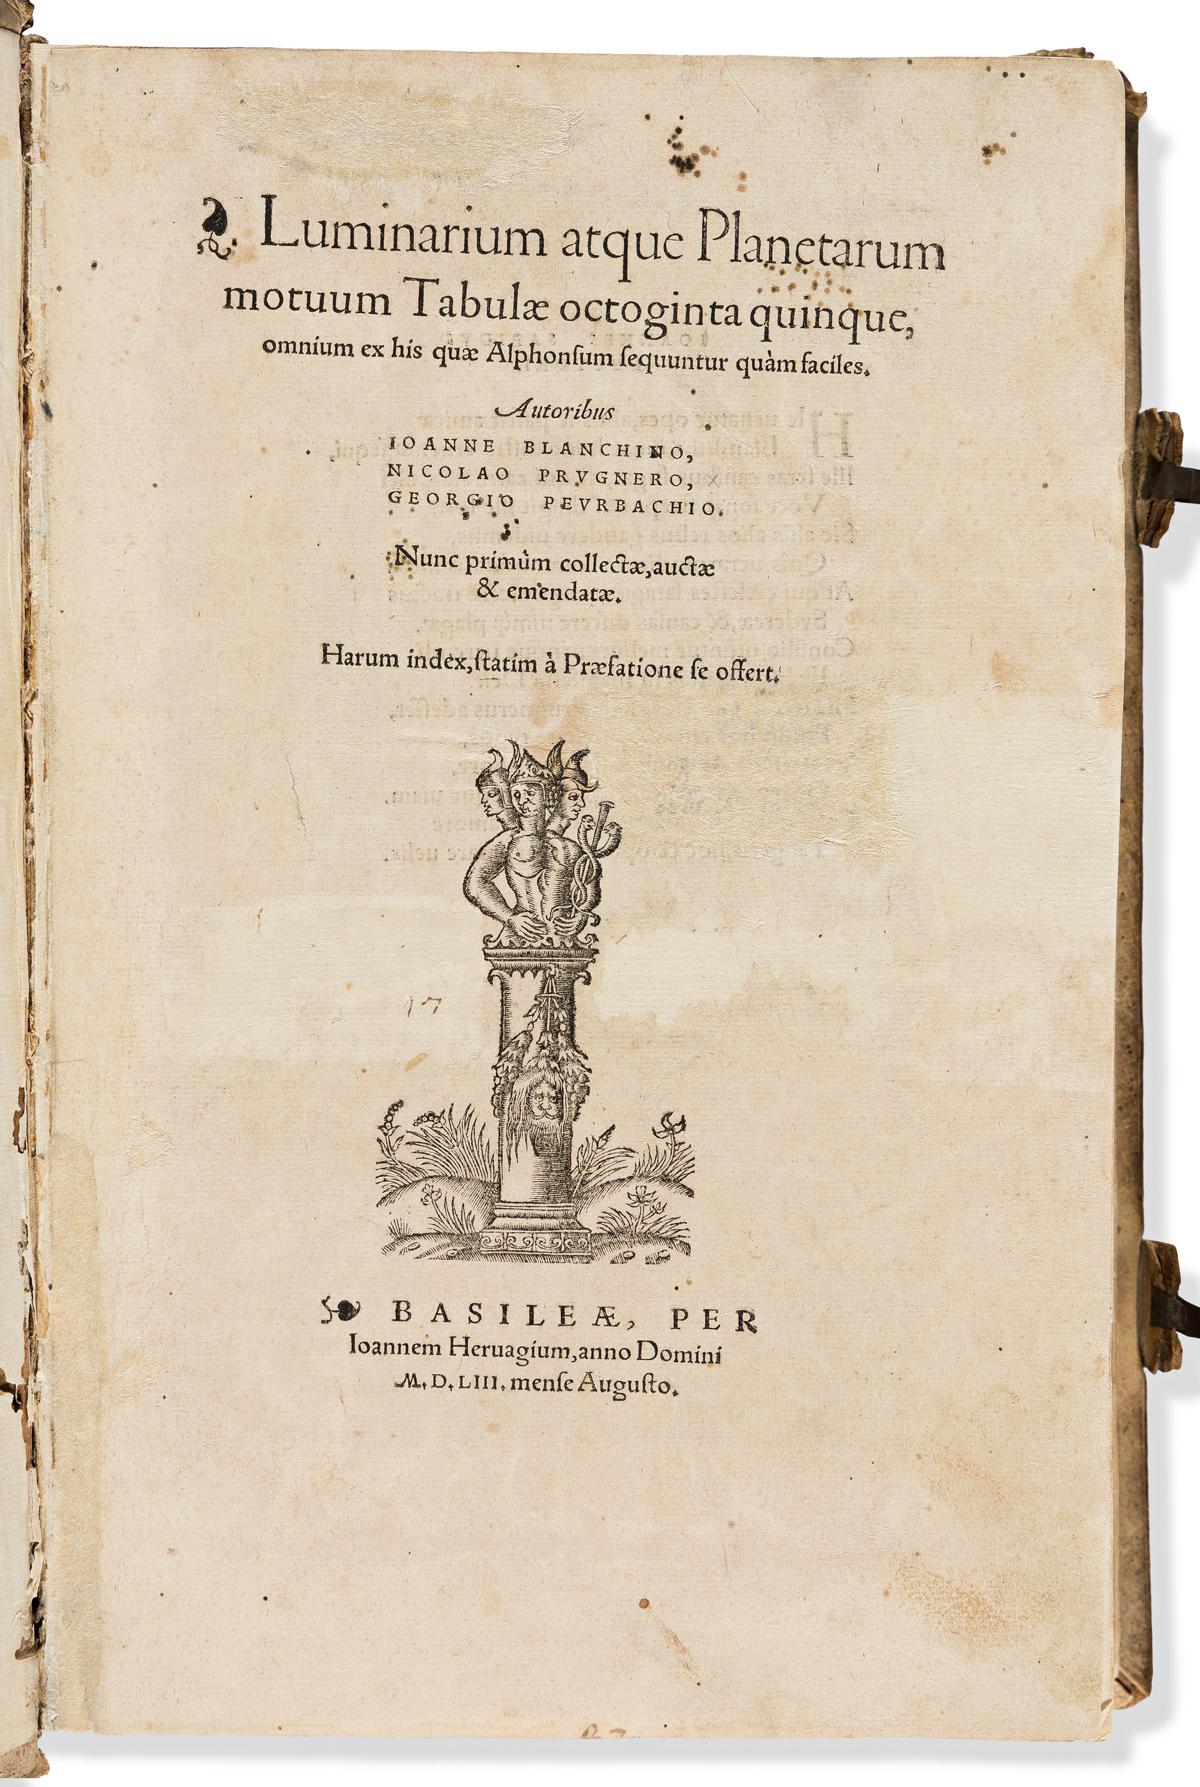 Bianchini, Giovanni; Nicolaus Pruckner; [and] Georg Peurbach Luminarium atque Planetarum motuum Tabulae octoginta quinque, omnium ex hi